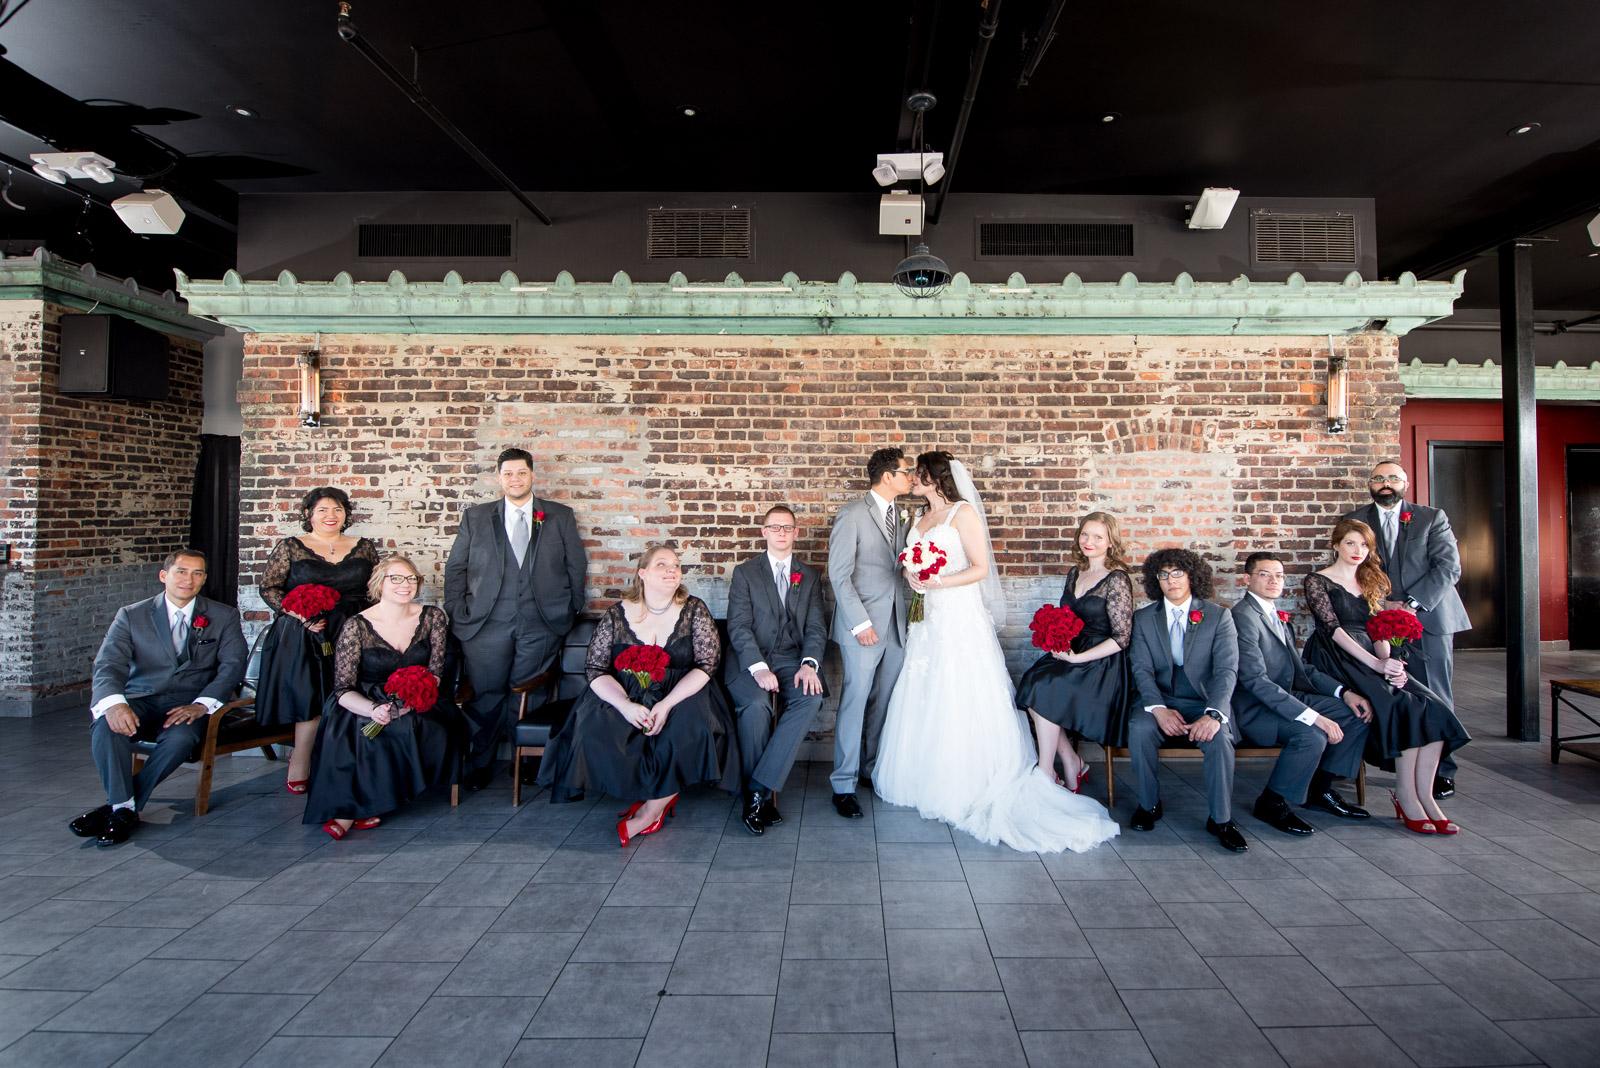 tara-yareb-wedding-021-blog.jpg